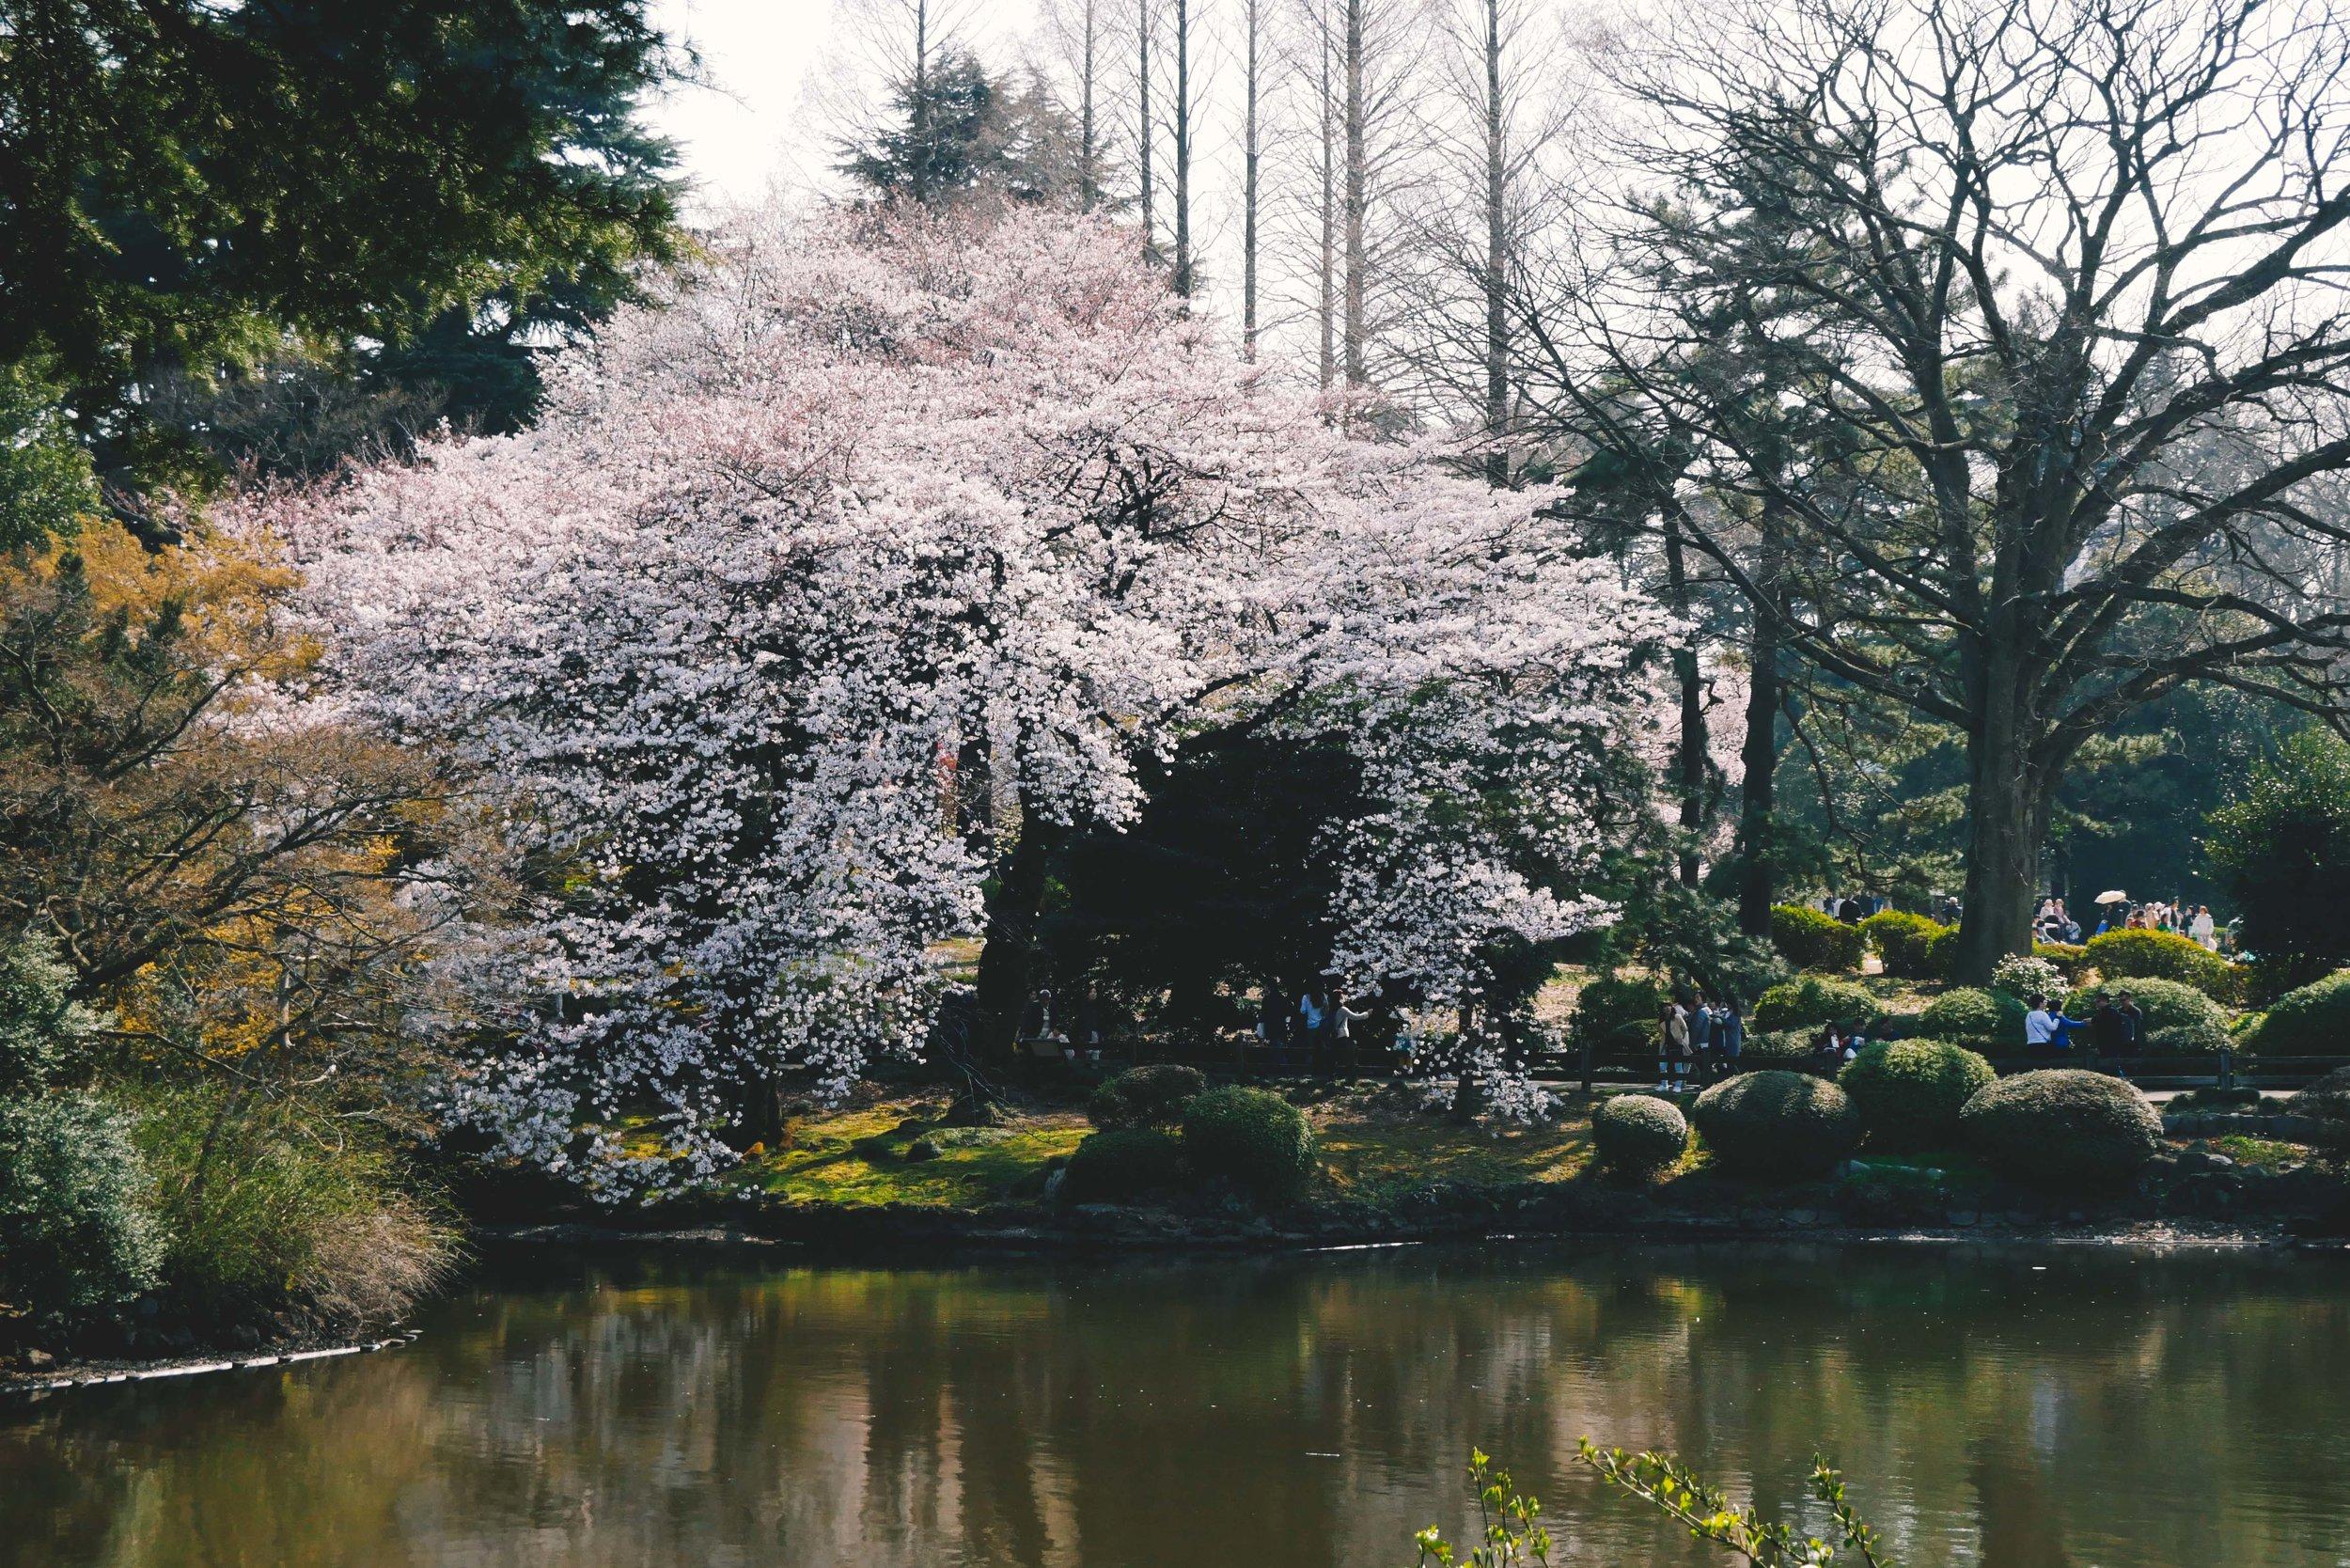 Cherry blossom tree at Shinjuku Gyoen, Tokyo.